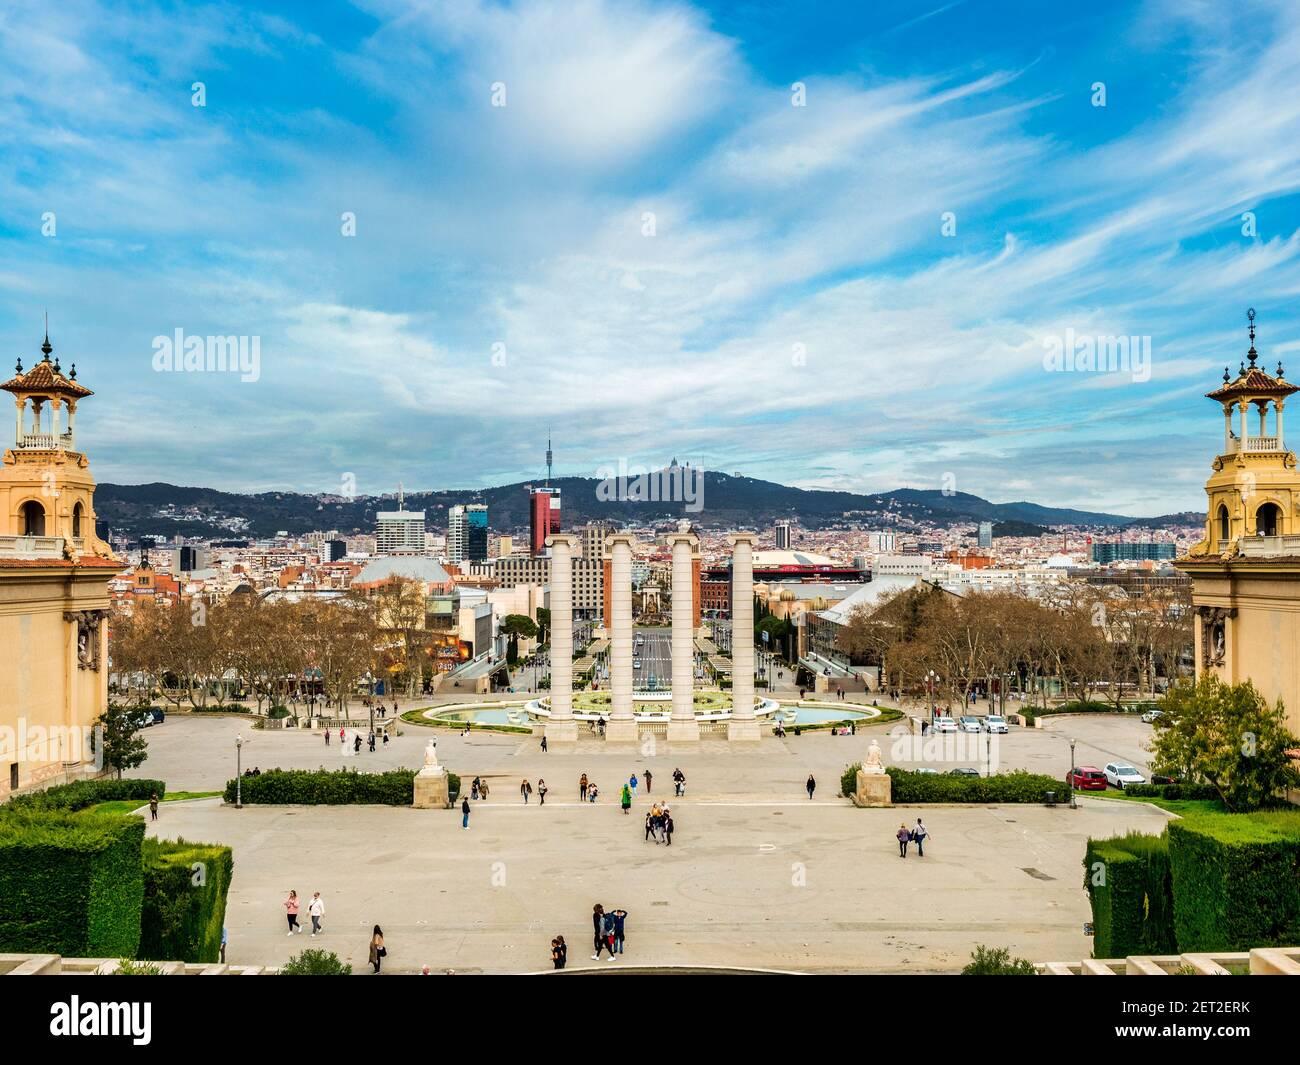 4 de marzo de 2020: Barcelona, España - Vista de Barcelona desde el Museo Nacional de Arte de Cataluña hacia la Plaza de España y el Monte Tibidabo. Foto de stock